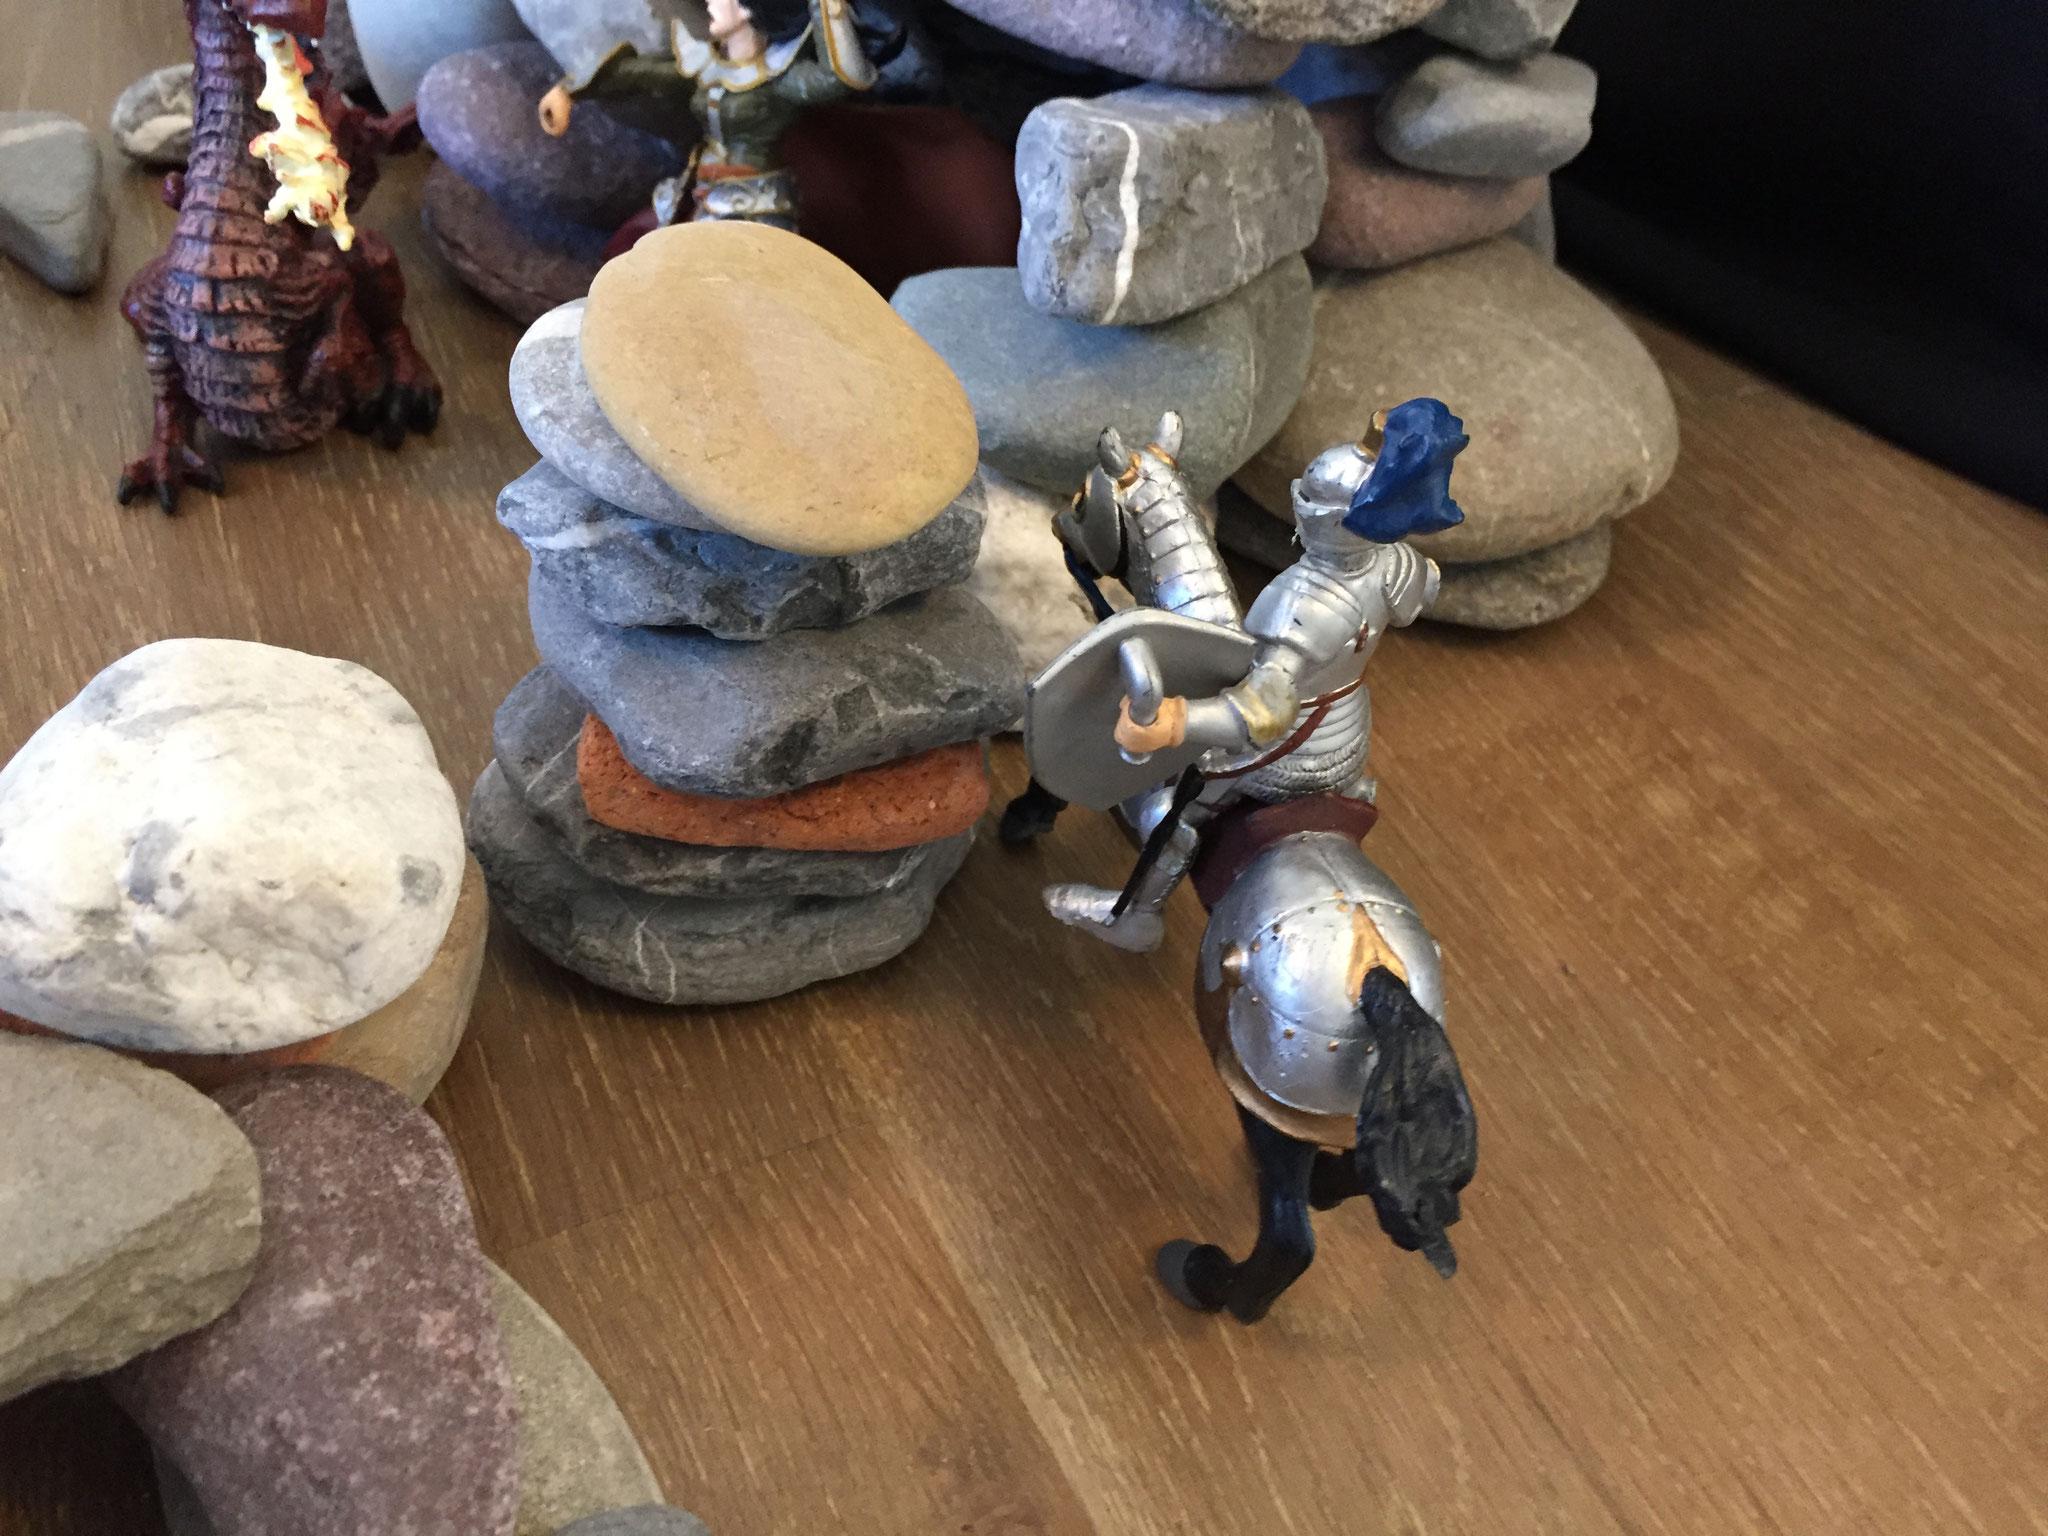 Ein Ritter hat die Prinzessin gesucht. Er hat beobachtet, wie die Drachen sie gefangen haben.